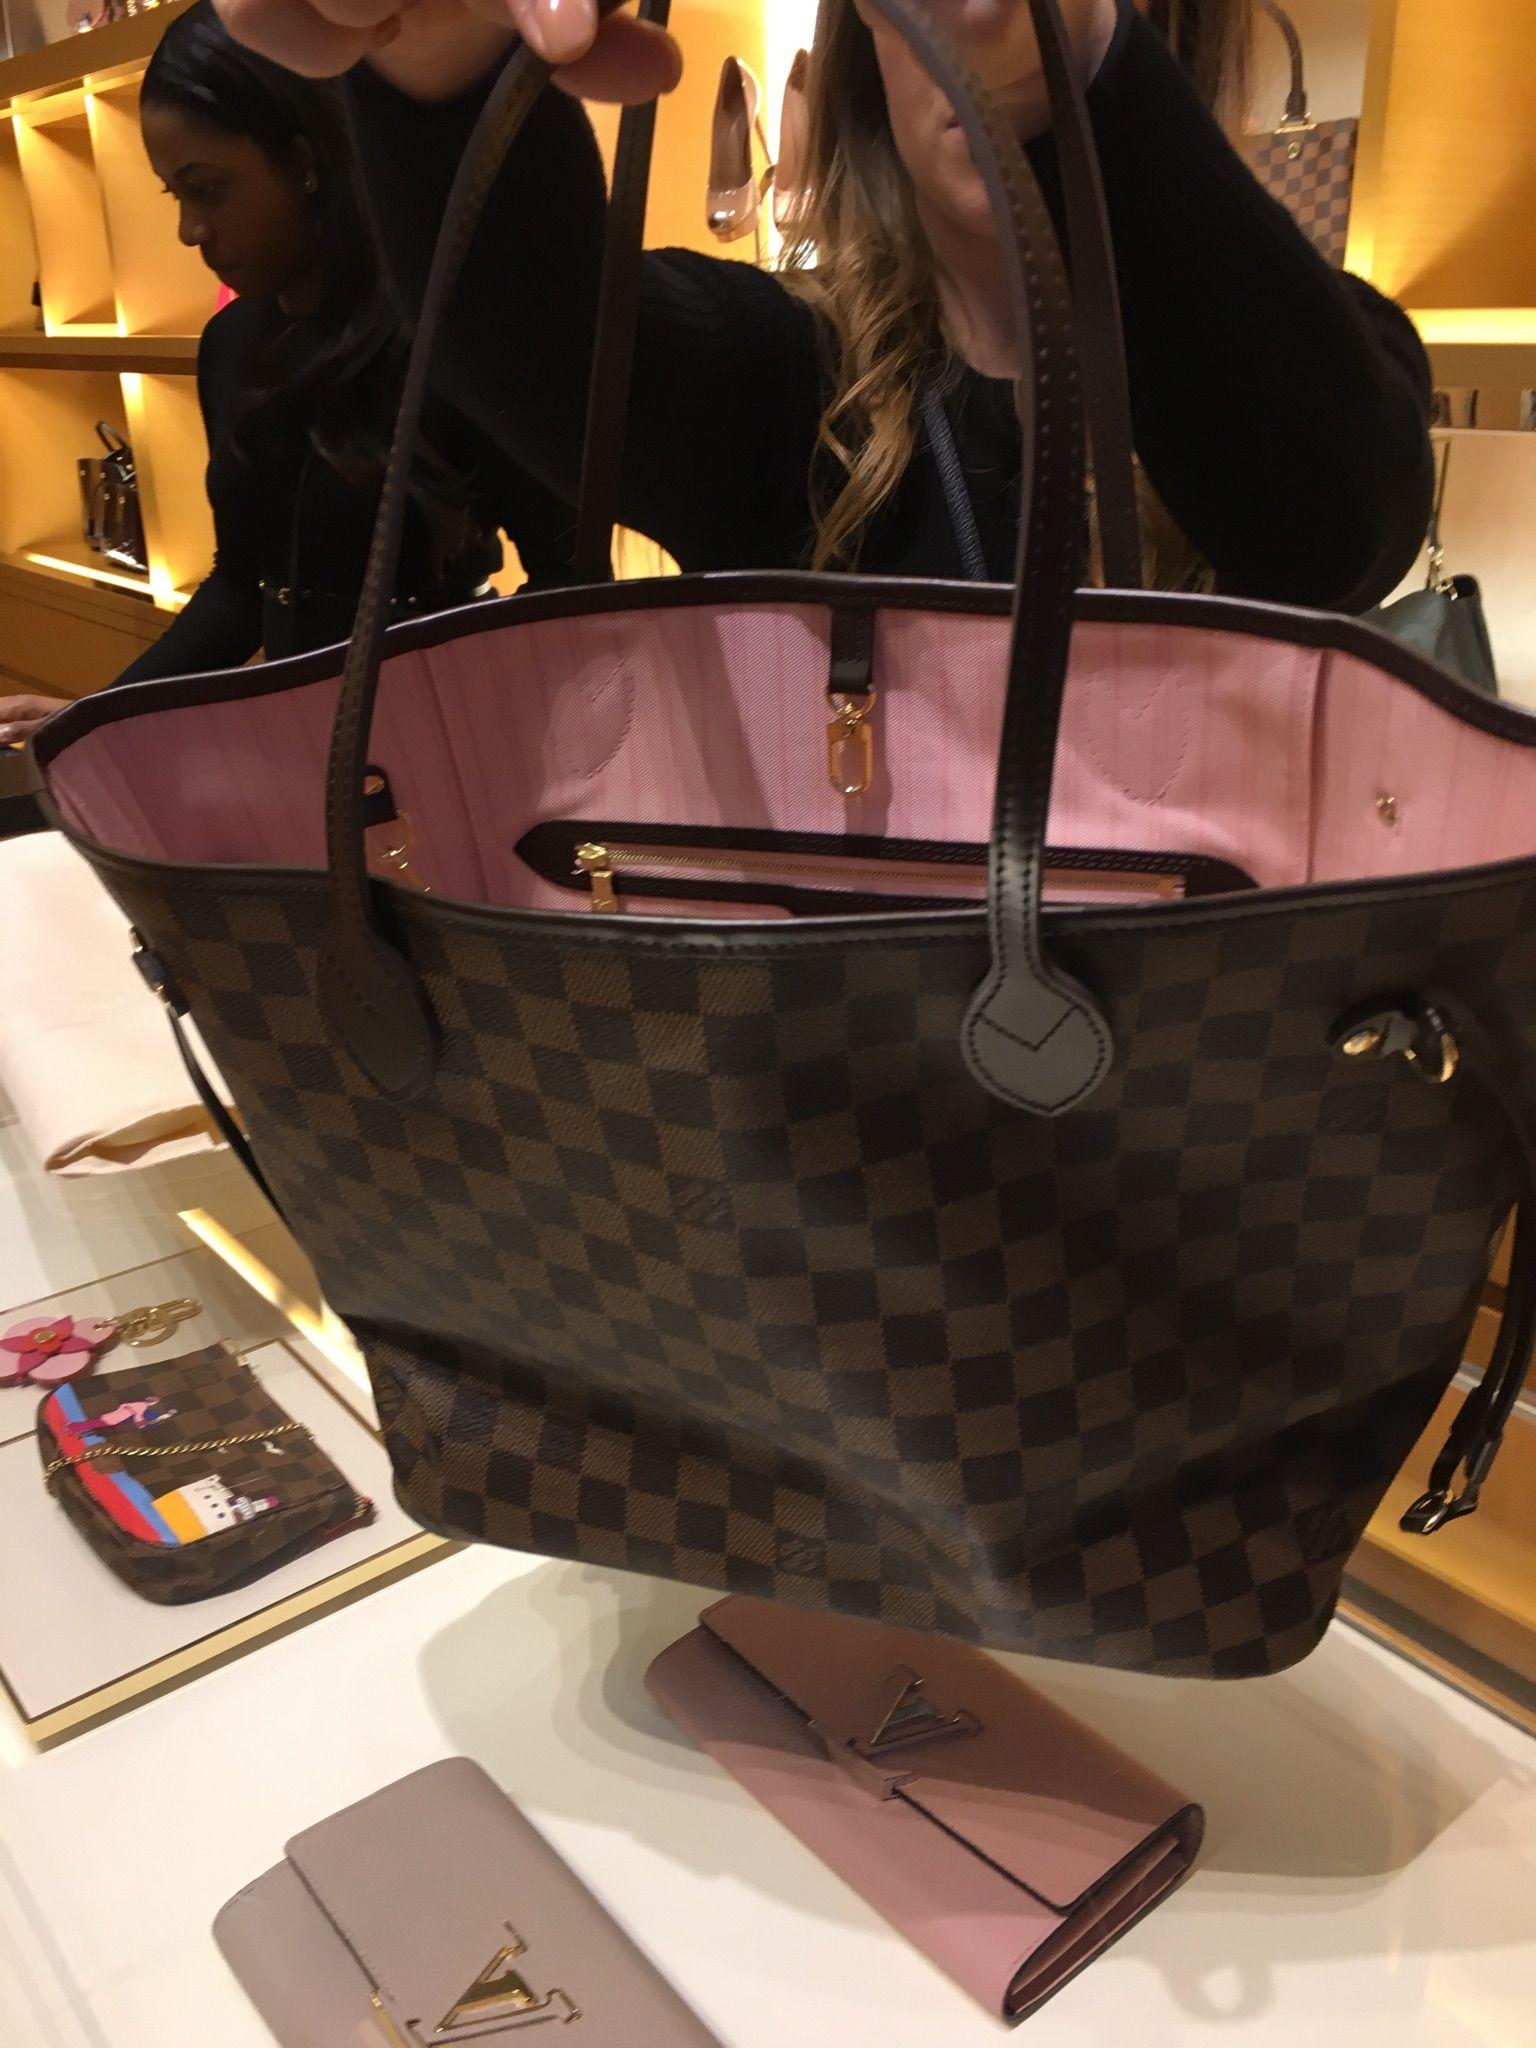 Neverfull Mm Damier Ebene Ballerine Pink Interior Louis Vuitton Bag Neverfull Louis Vuitton Louis Vuitton Neverfull Mm